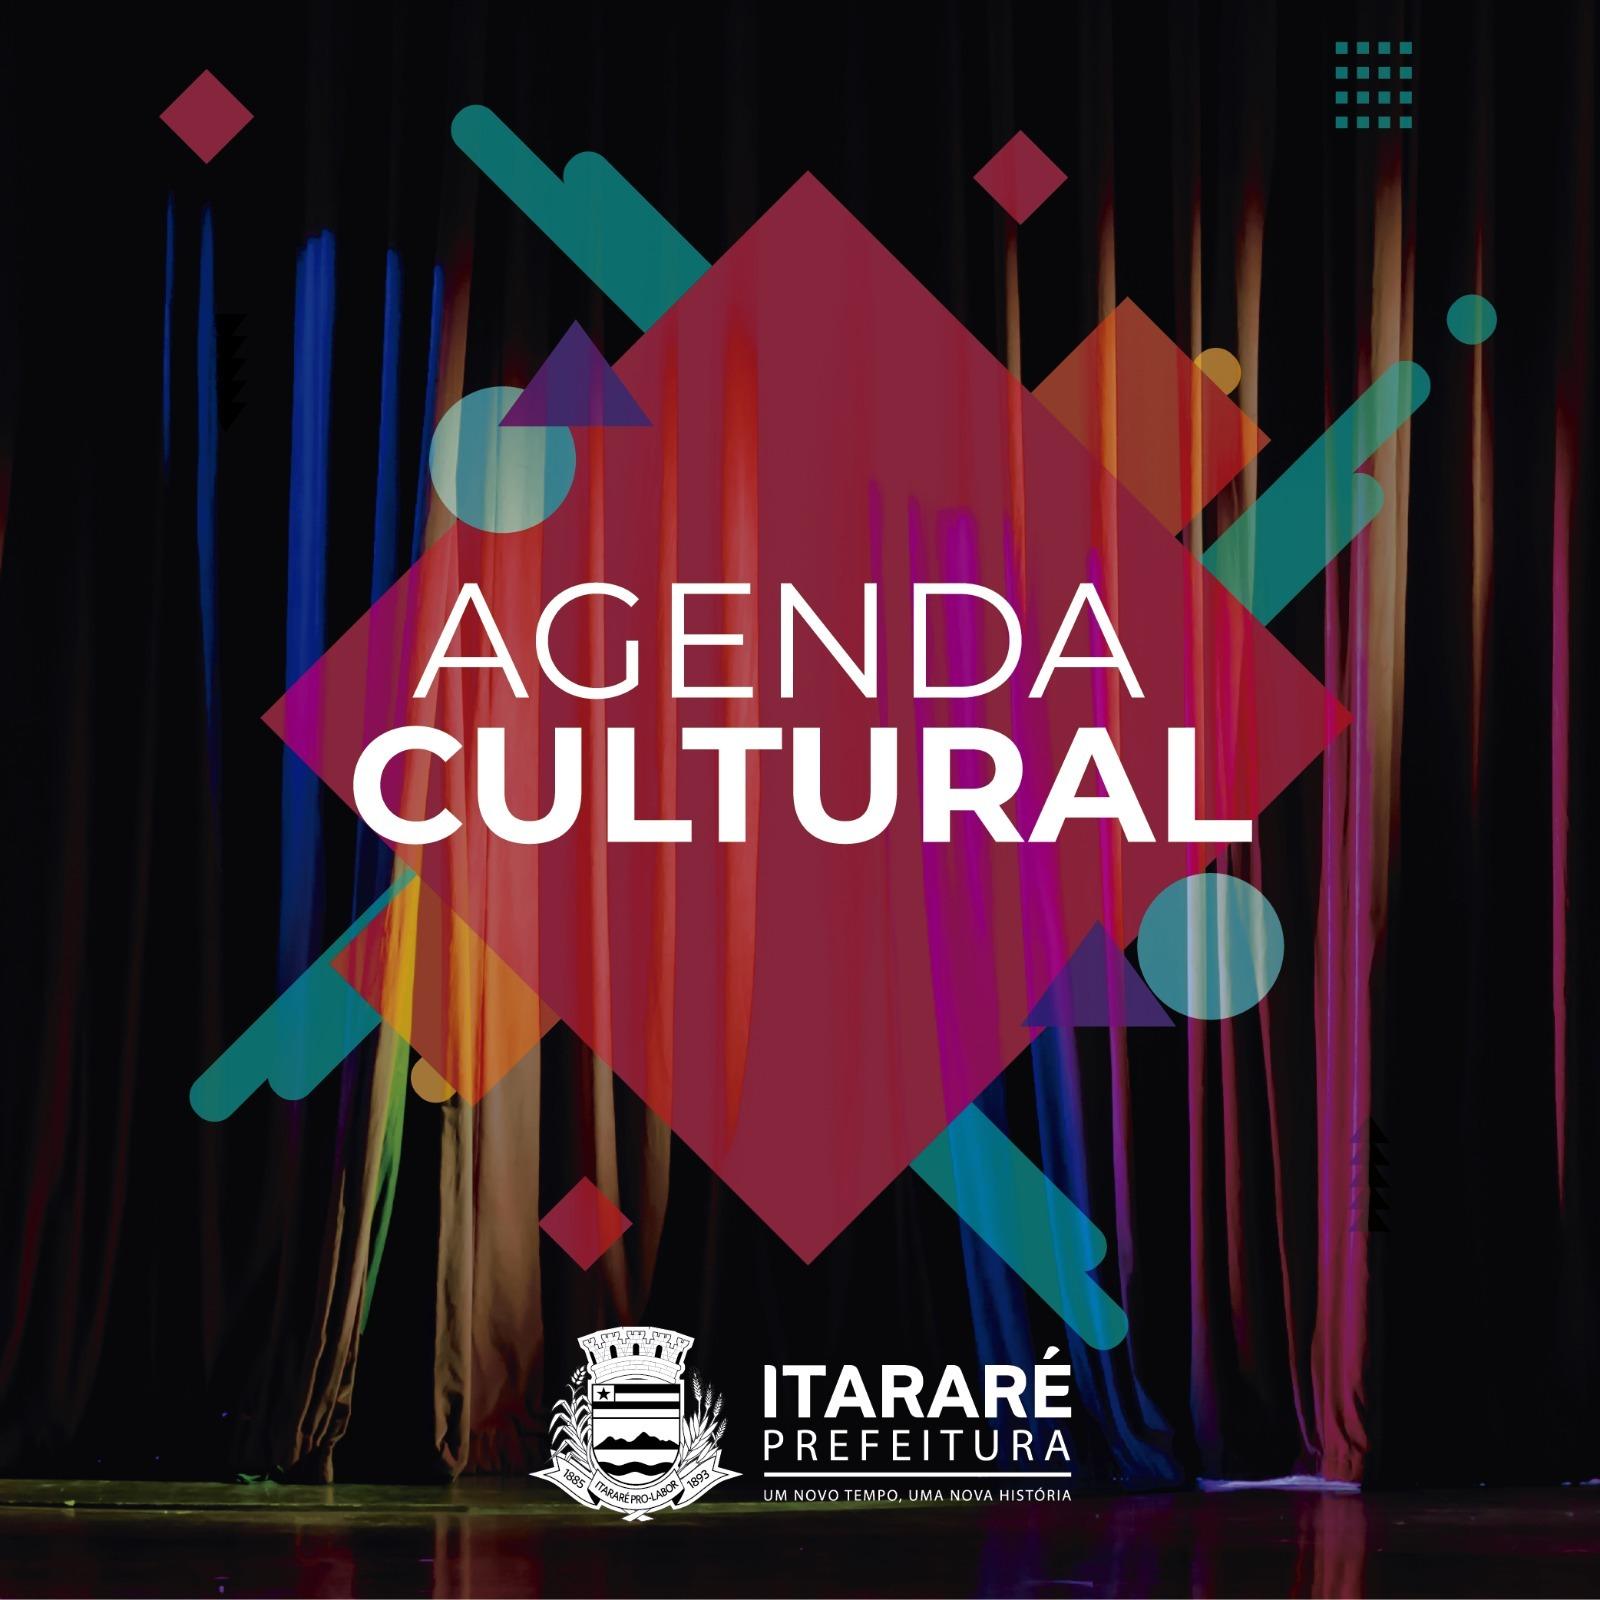 Agenda Cultural: Seguem as comemorações ao aniversário de 125 anos de Itararé (SP)